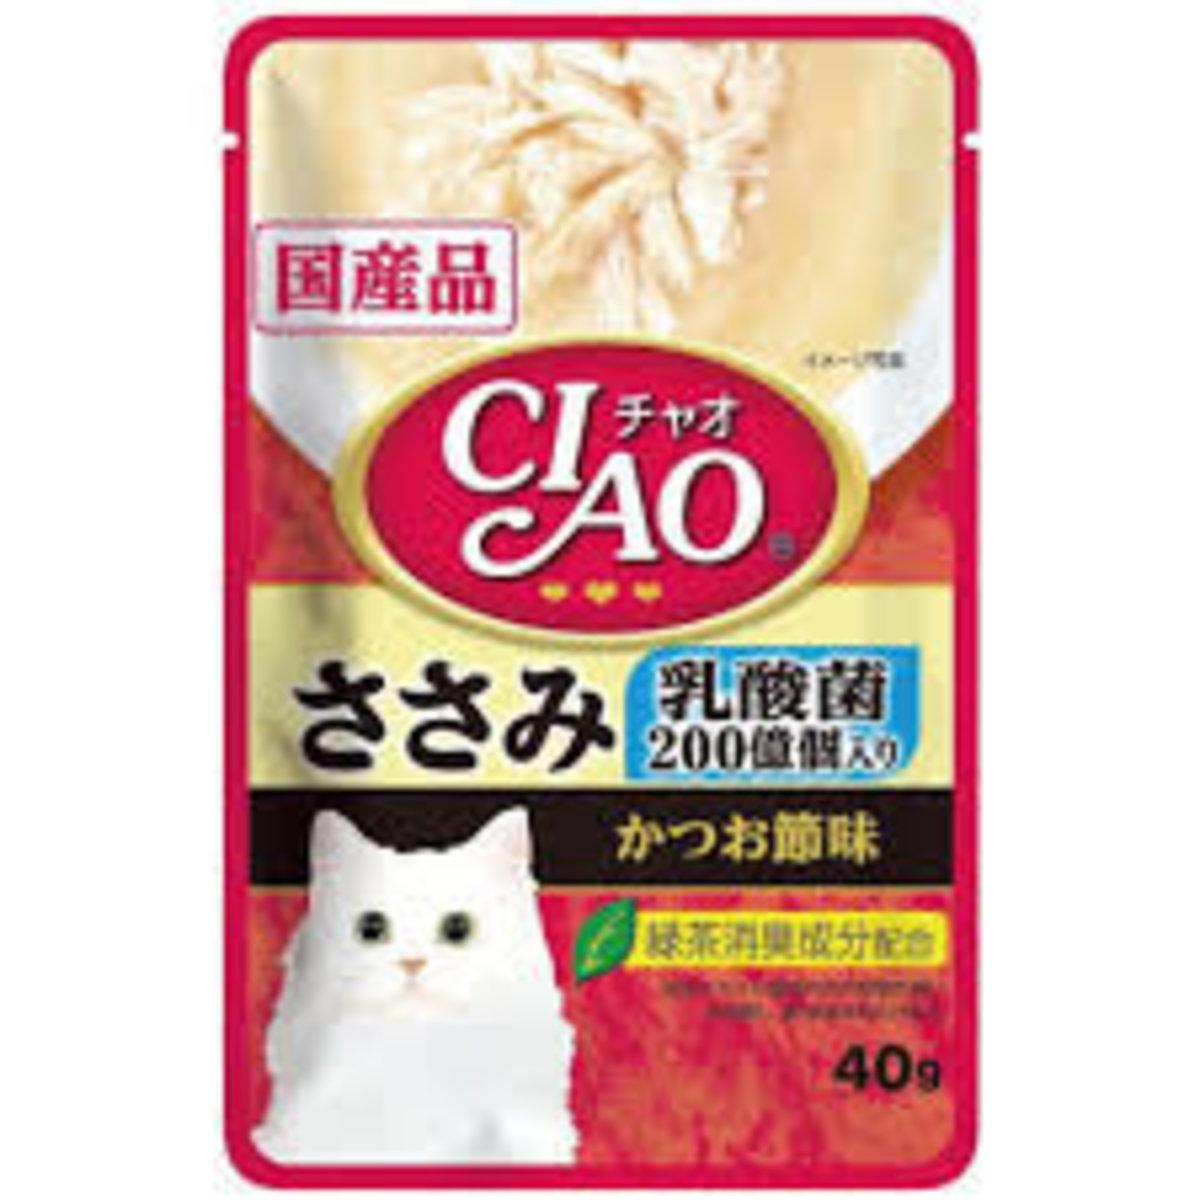 日本CIAO袋裝湯包 乳酸菌 吞拿魚 雞肉.帶子 40g (IC-326)